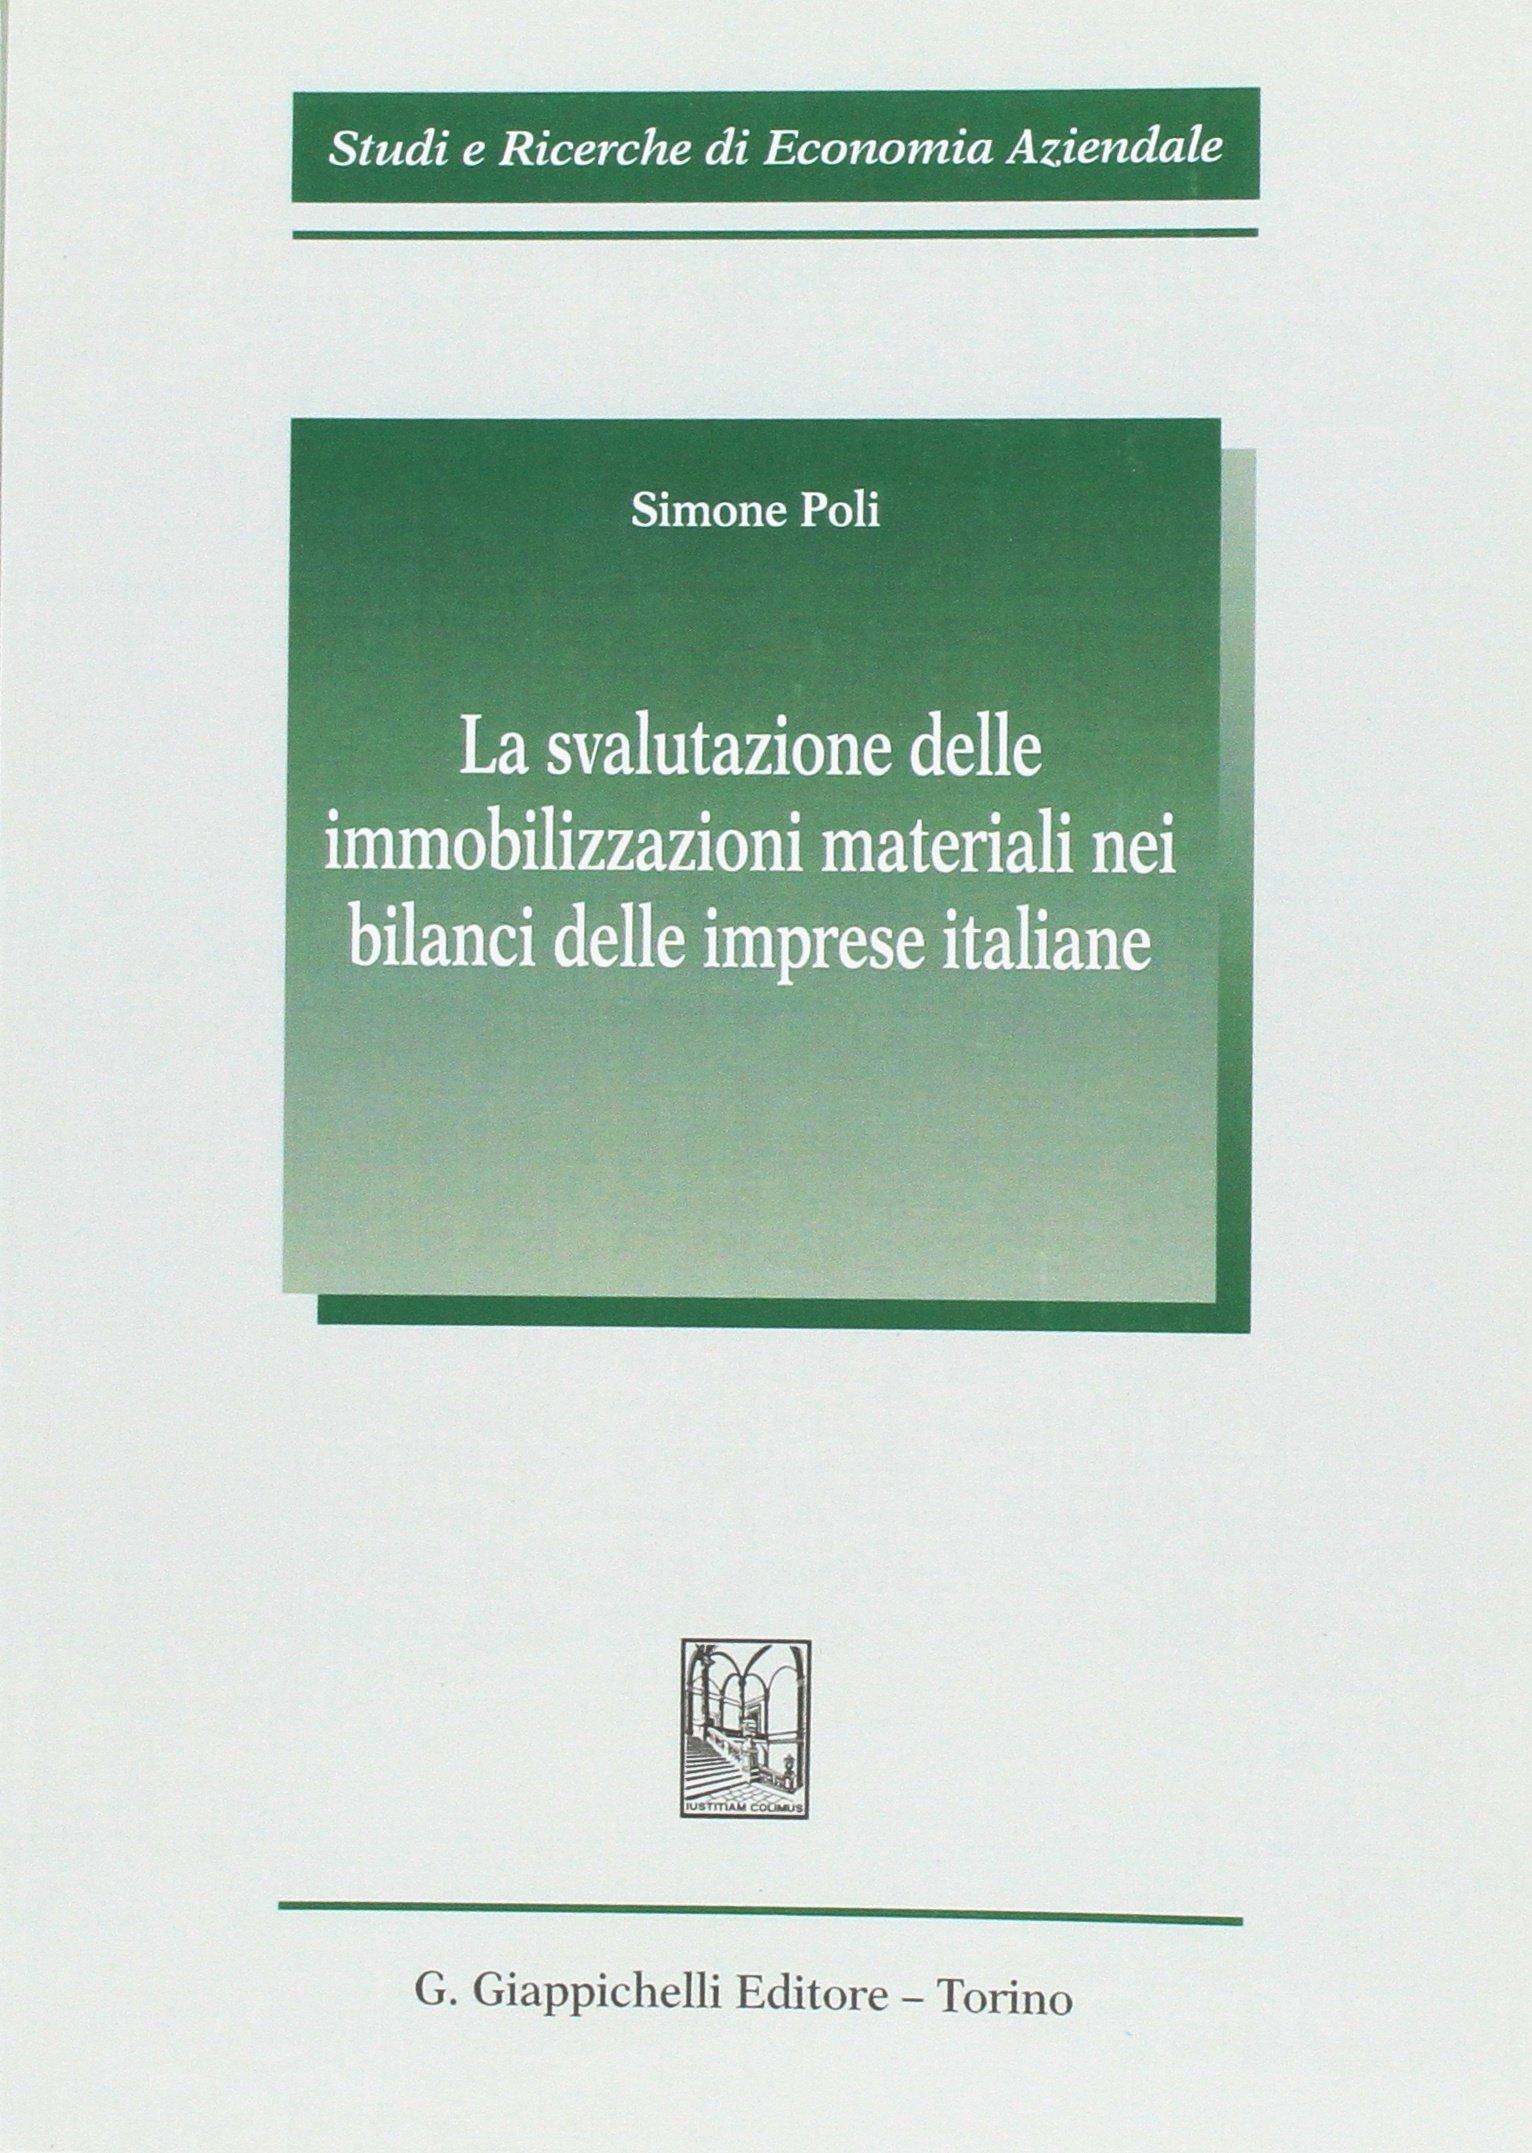 La svalutazione delle immobilizzazioni materiali nei bilanci delle imprese italiane.